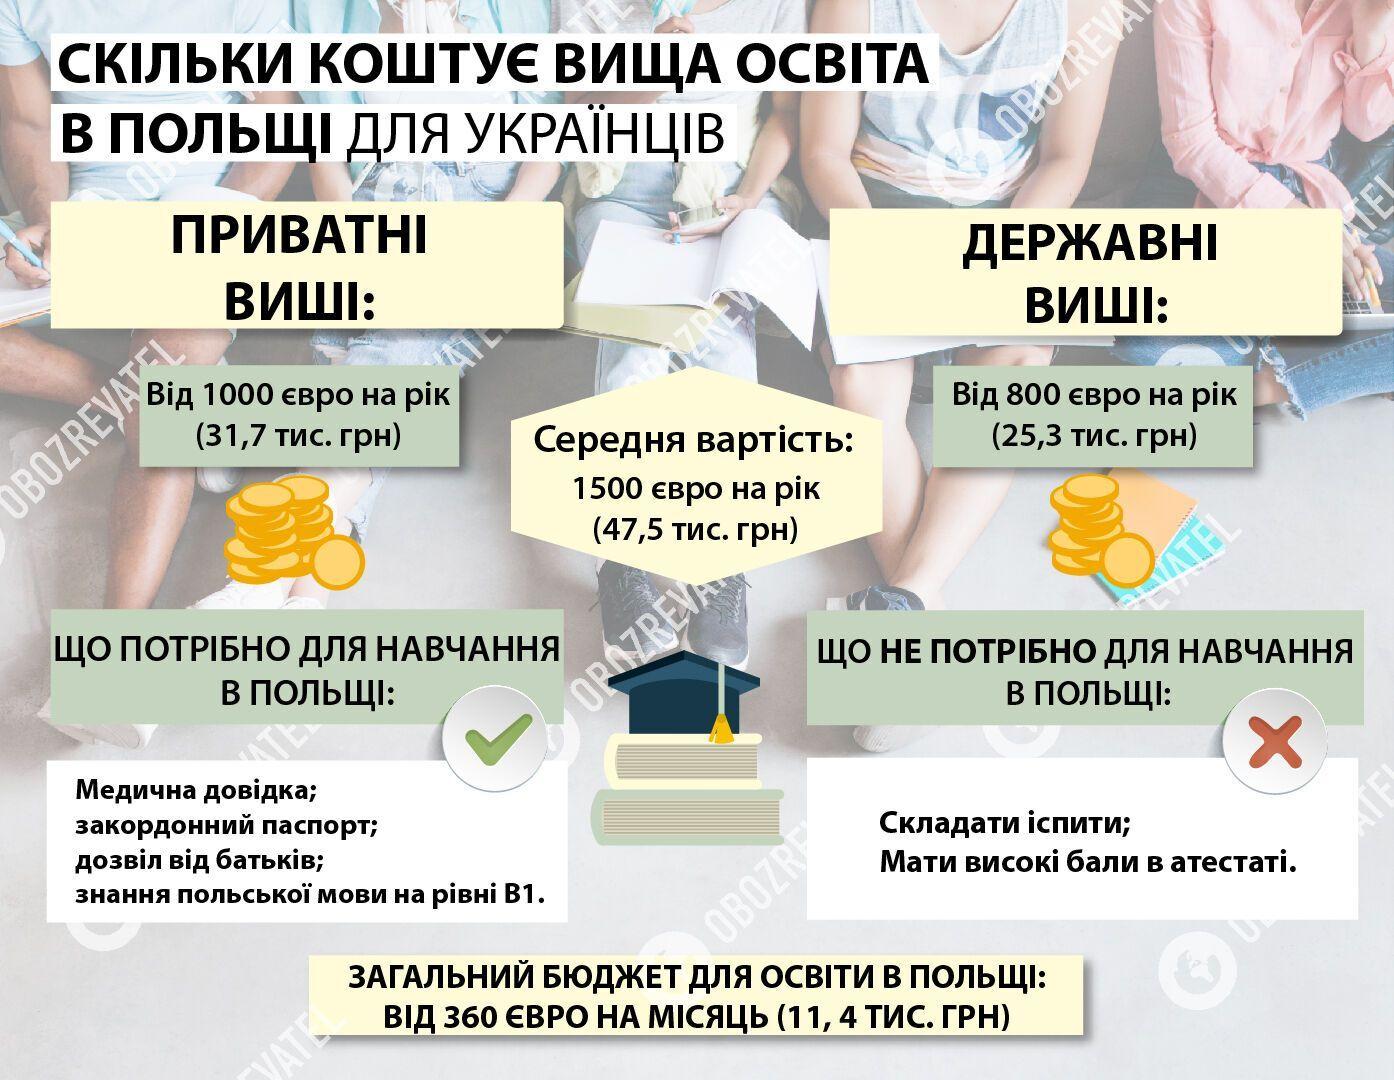 Вищу освіту в Польщі дешевше отримувати в державних навчальних закладах